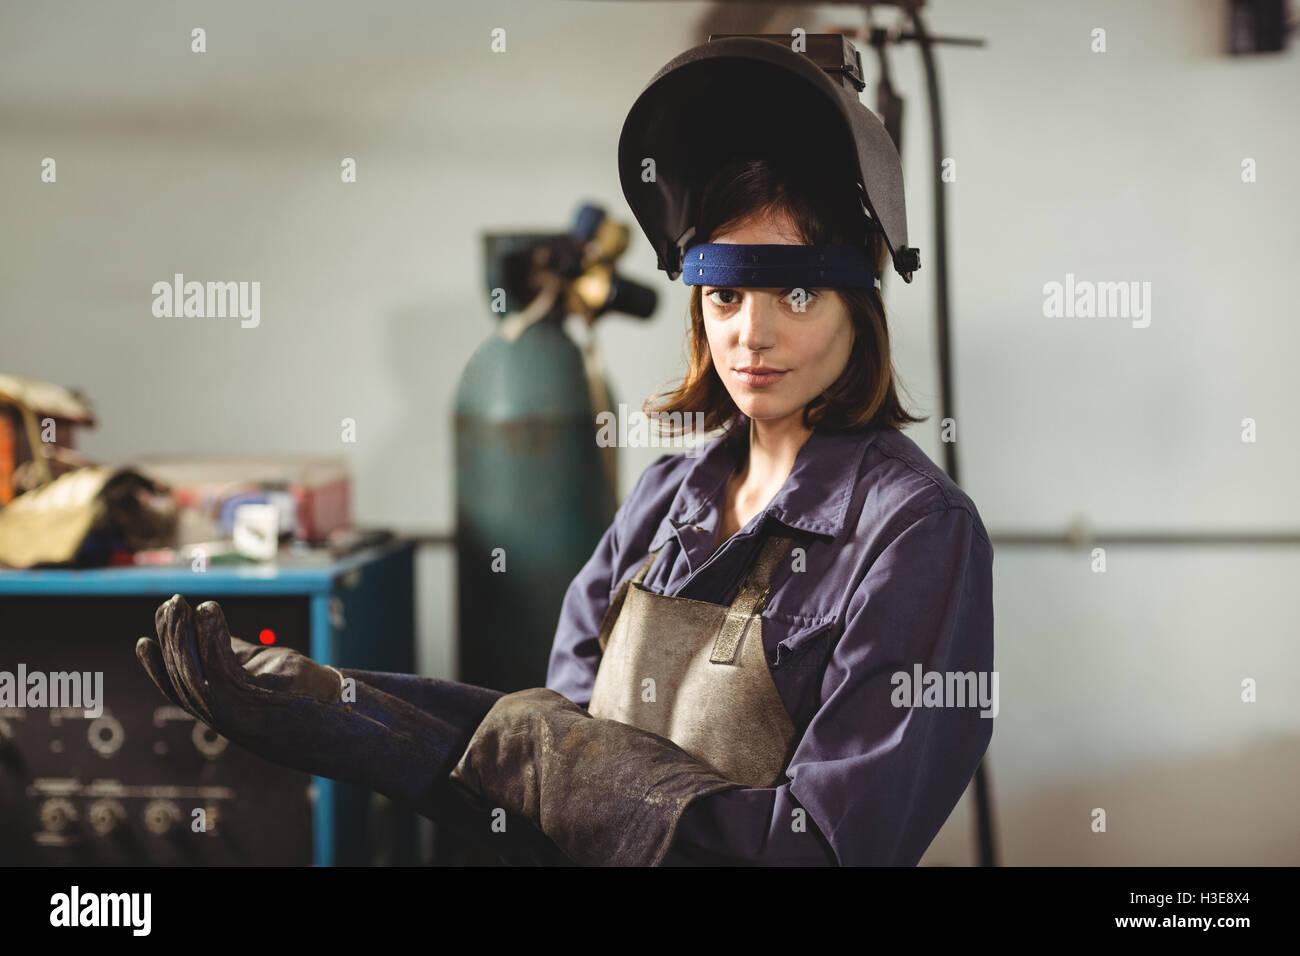 Ritratto di donna saldatore guanto da indossare Immagini Stock